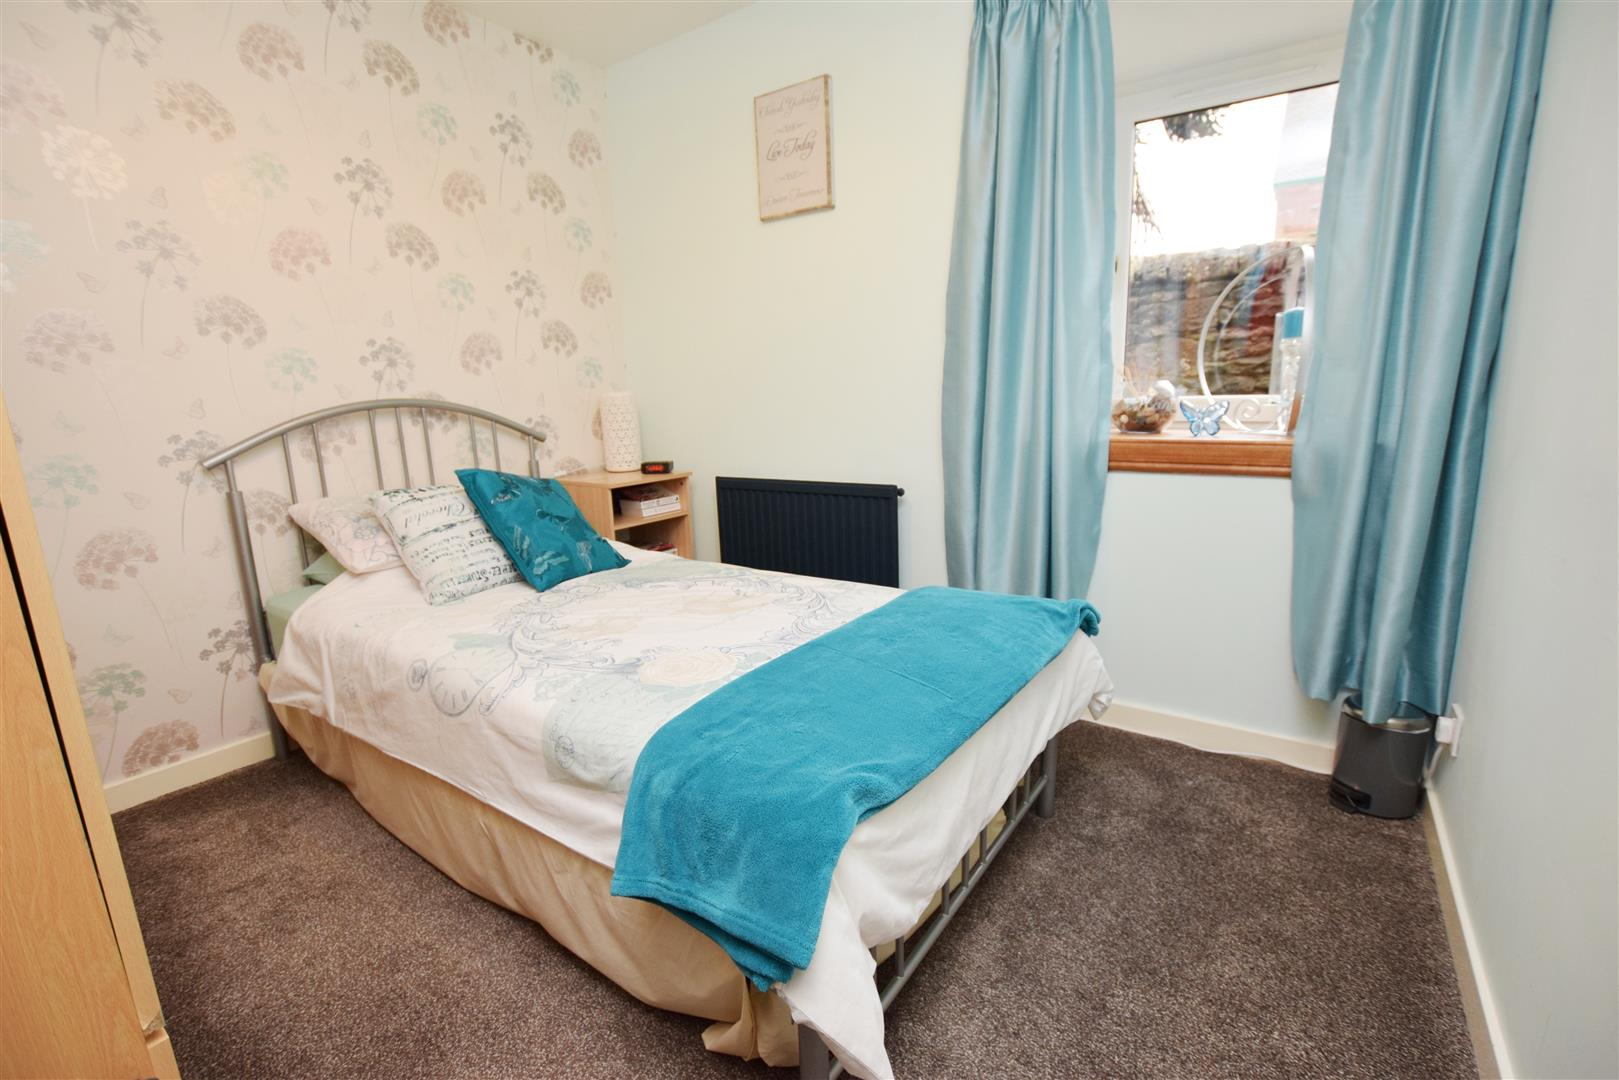 Isla Cottage, Blairgowrie Road, Coupar Angus, Coupar Angus Blairgowrie, Perthshire, PH13 9AT, UK